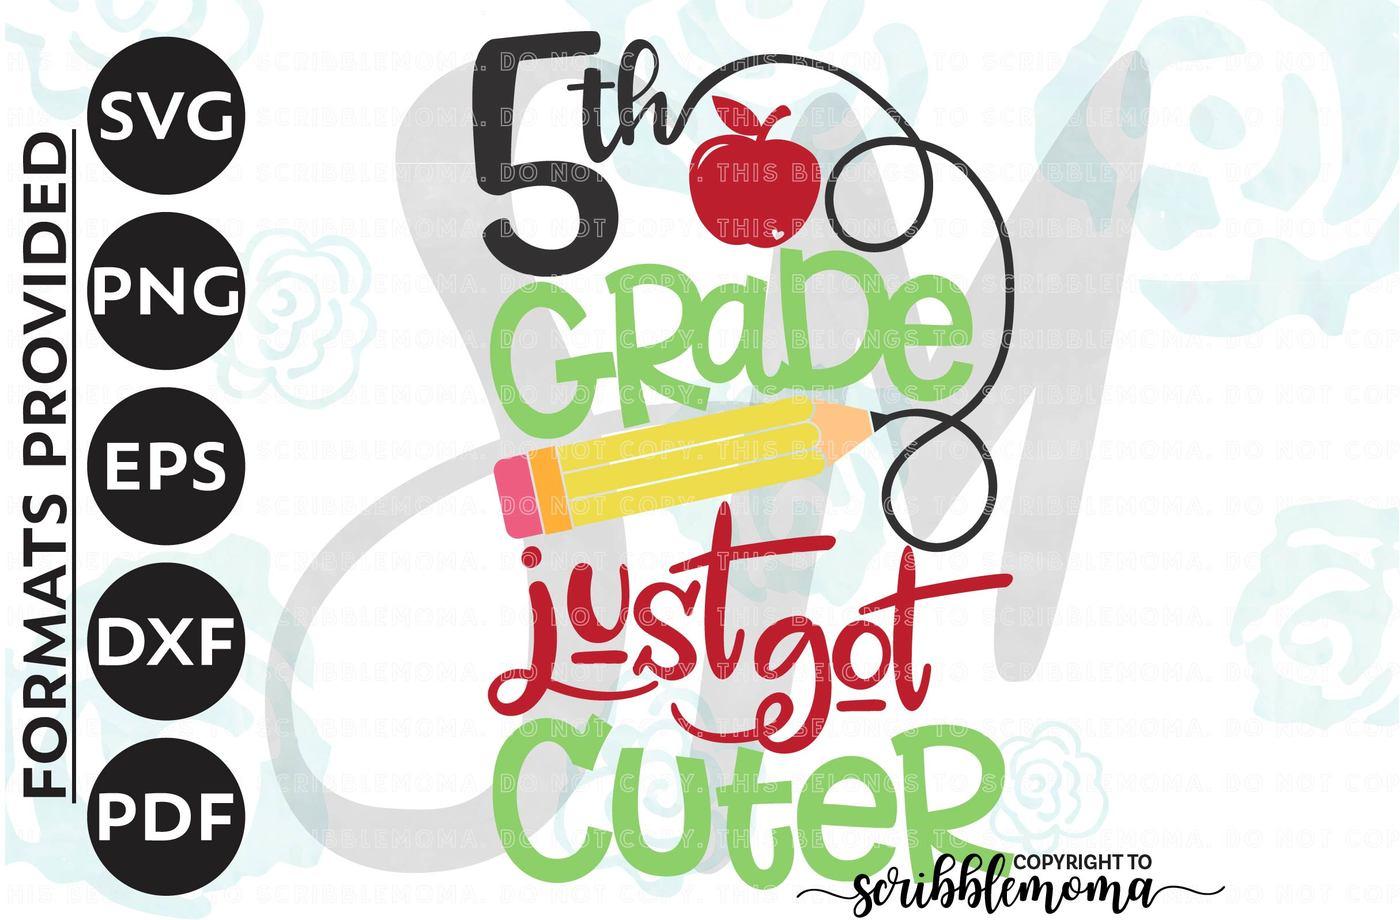 1400x920 5th Grade Svg, Fifth Grade Svg, Just Got Cuter Svg, Back To School